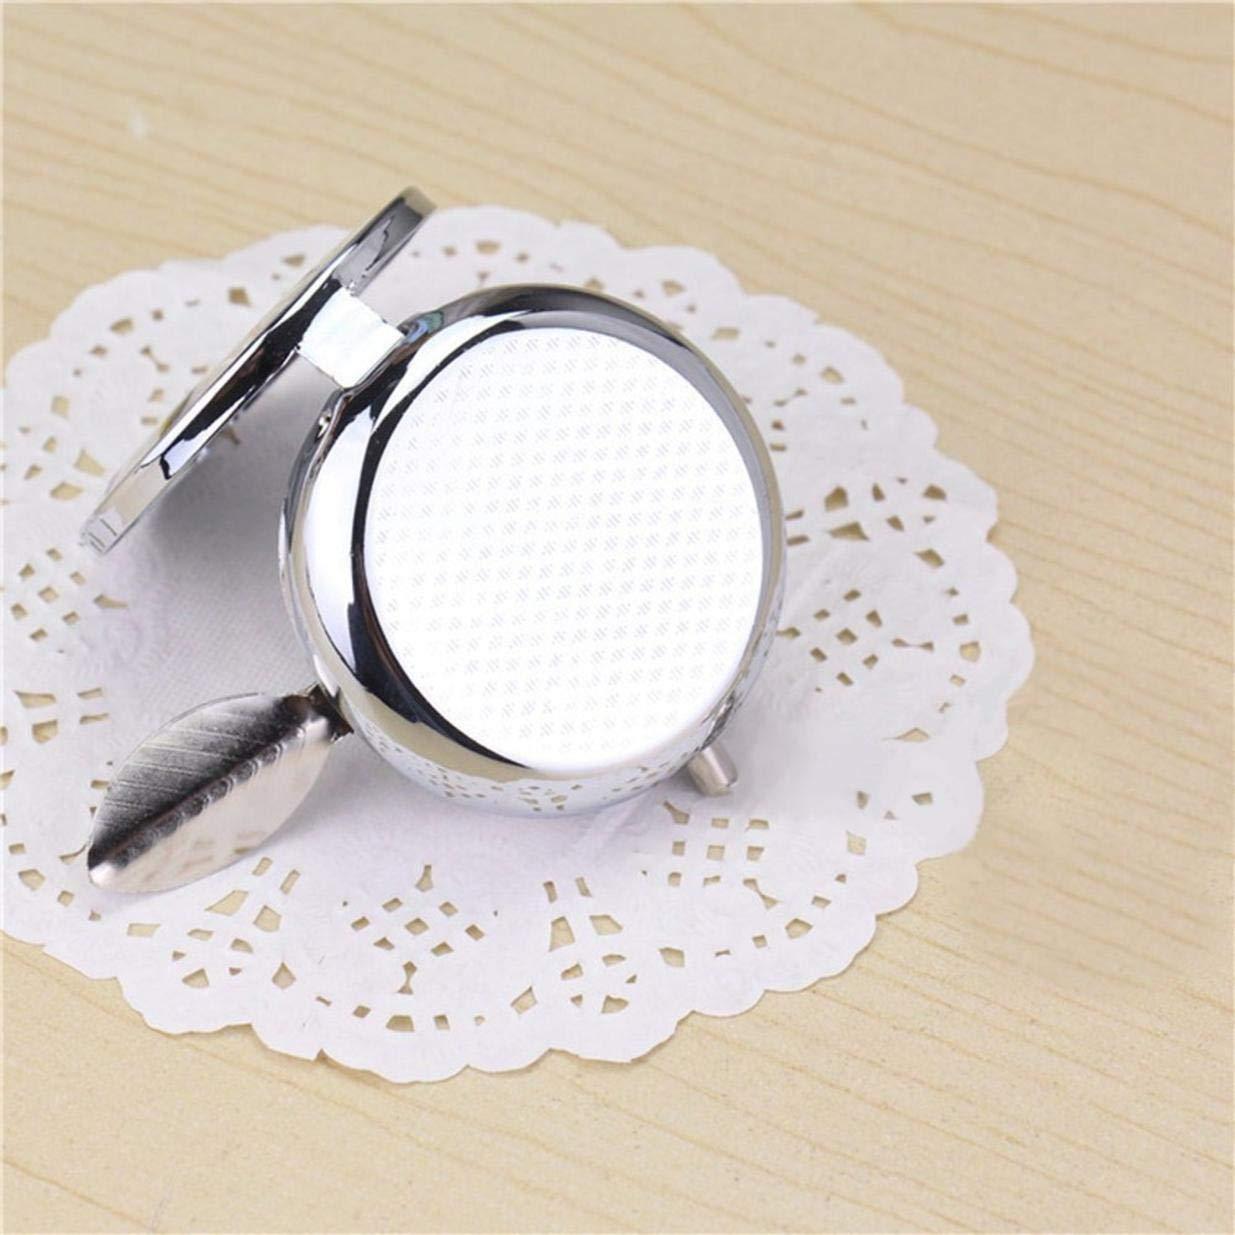 Cendrier de Poche Portable Arbre de Vie en Acier Inoxydable avec Porte-cl/és Circulaire d/écoratif avec /étui de Rangement